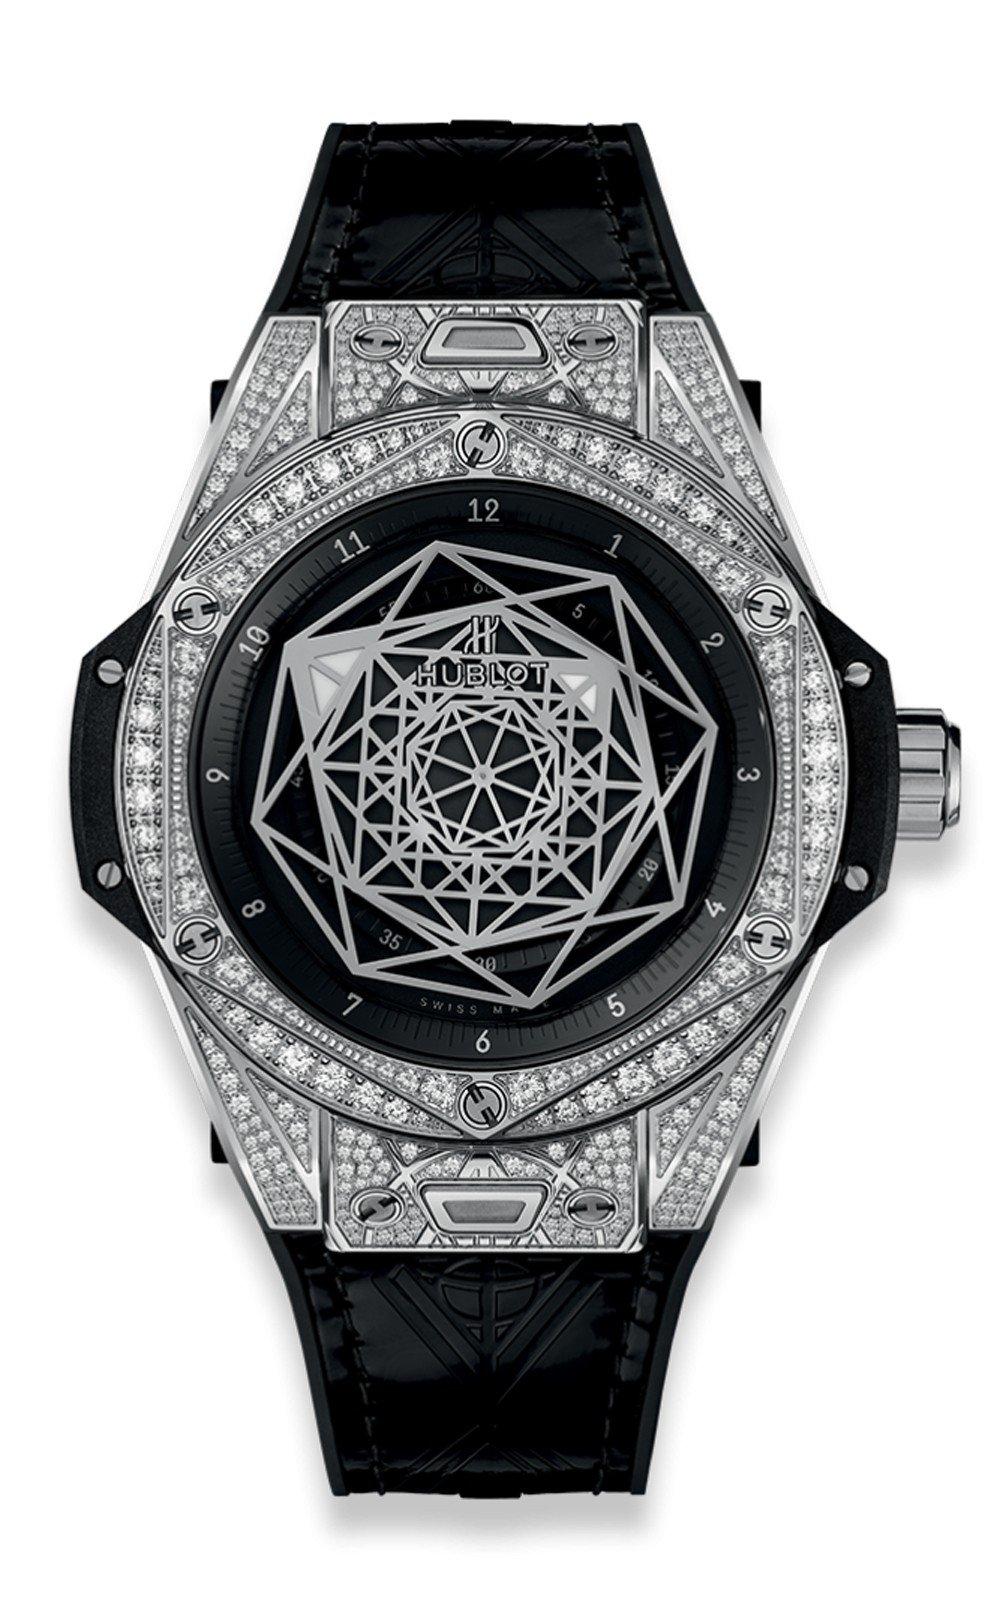 Đồng hồ Big Bang Sang Bleu Steel Pavé 39 mm 465.SS.1117.VR.1704.MXM18 ✓  likewatch.com